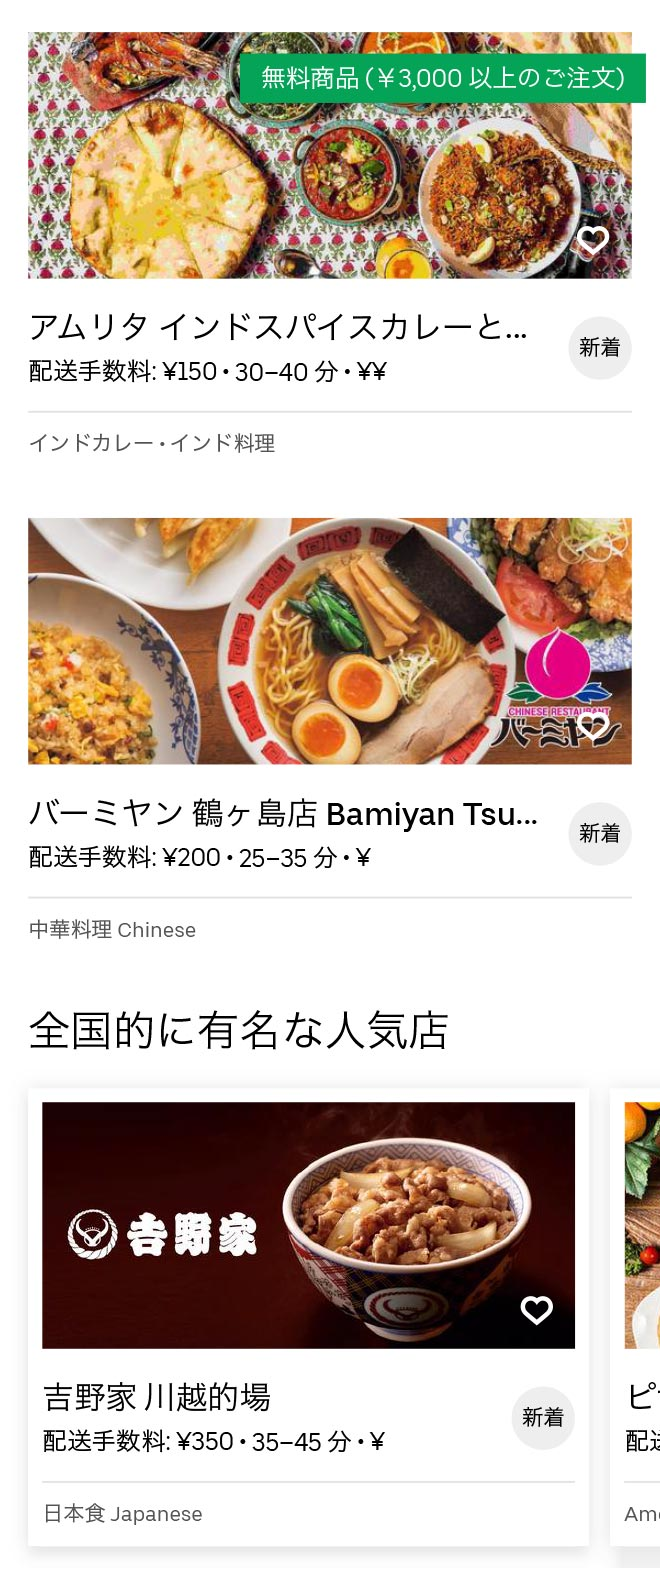 Tsurugashima menu 2010 02